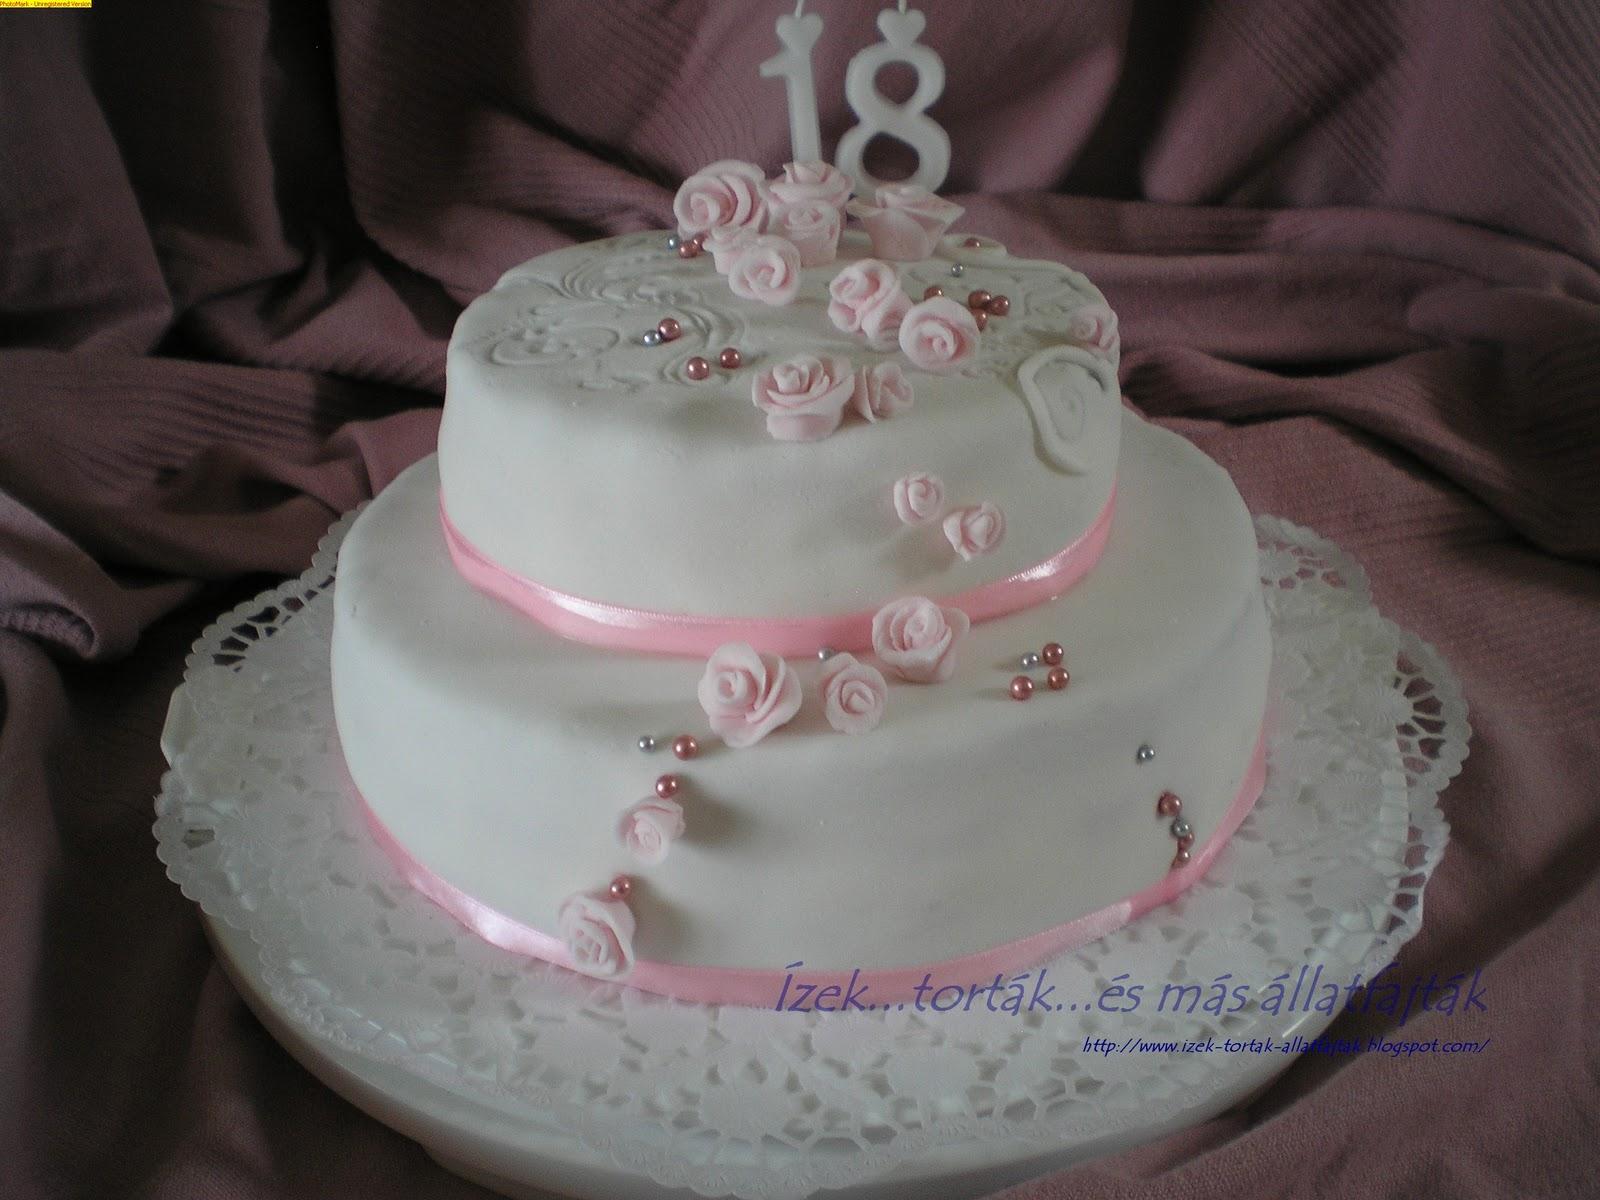 18 szülinapi torta Ízektortákés más állatfajták: Fehércsokis epres születésnapi  18 szülinapi torta